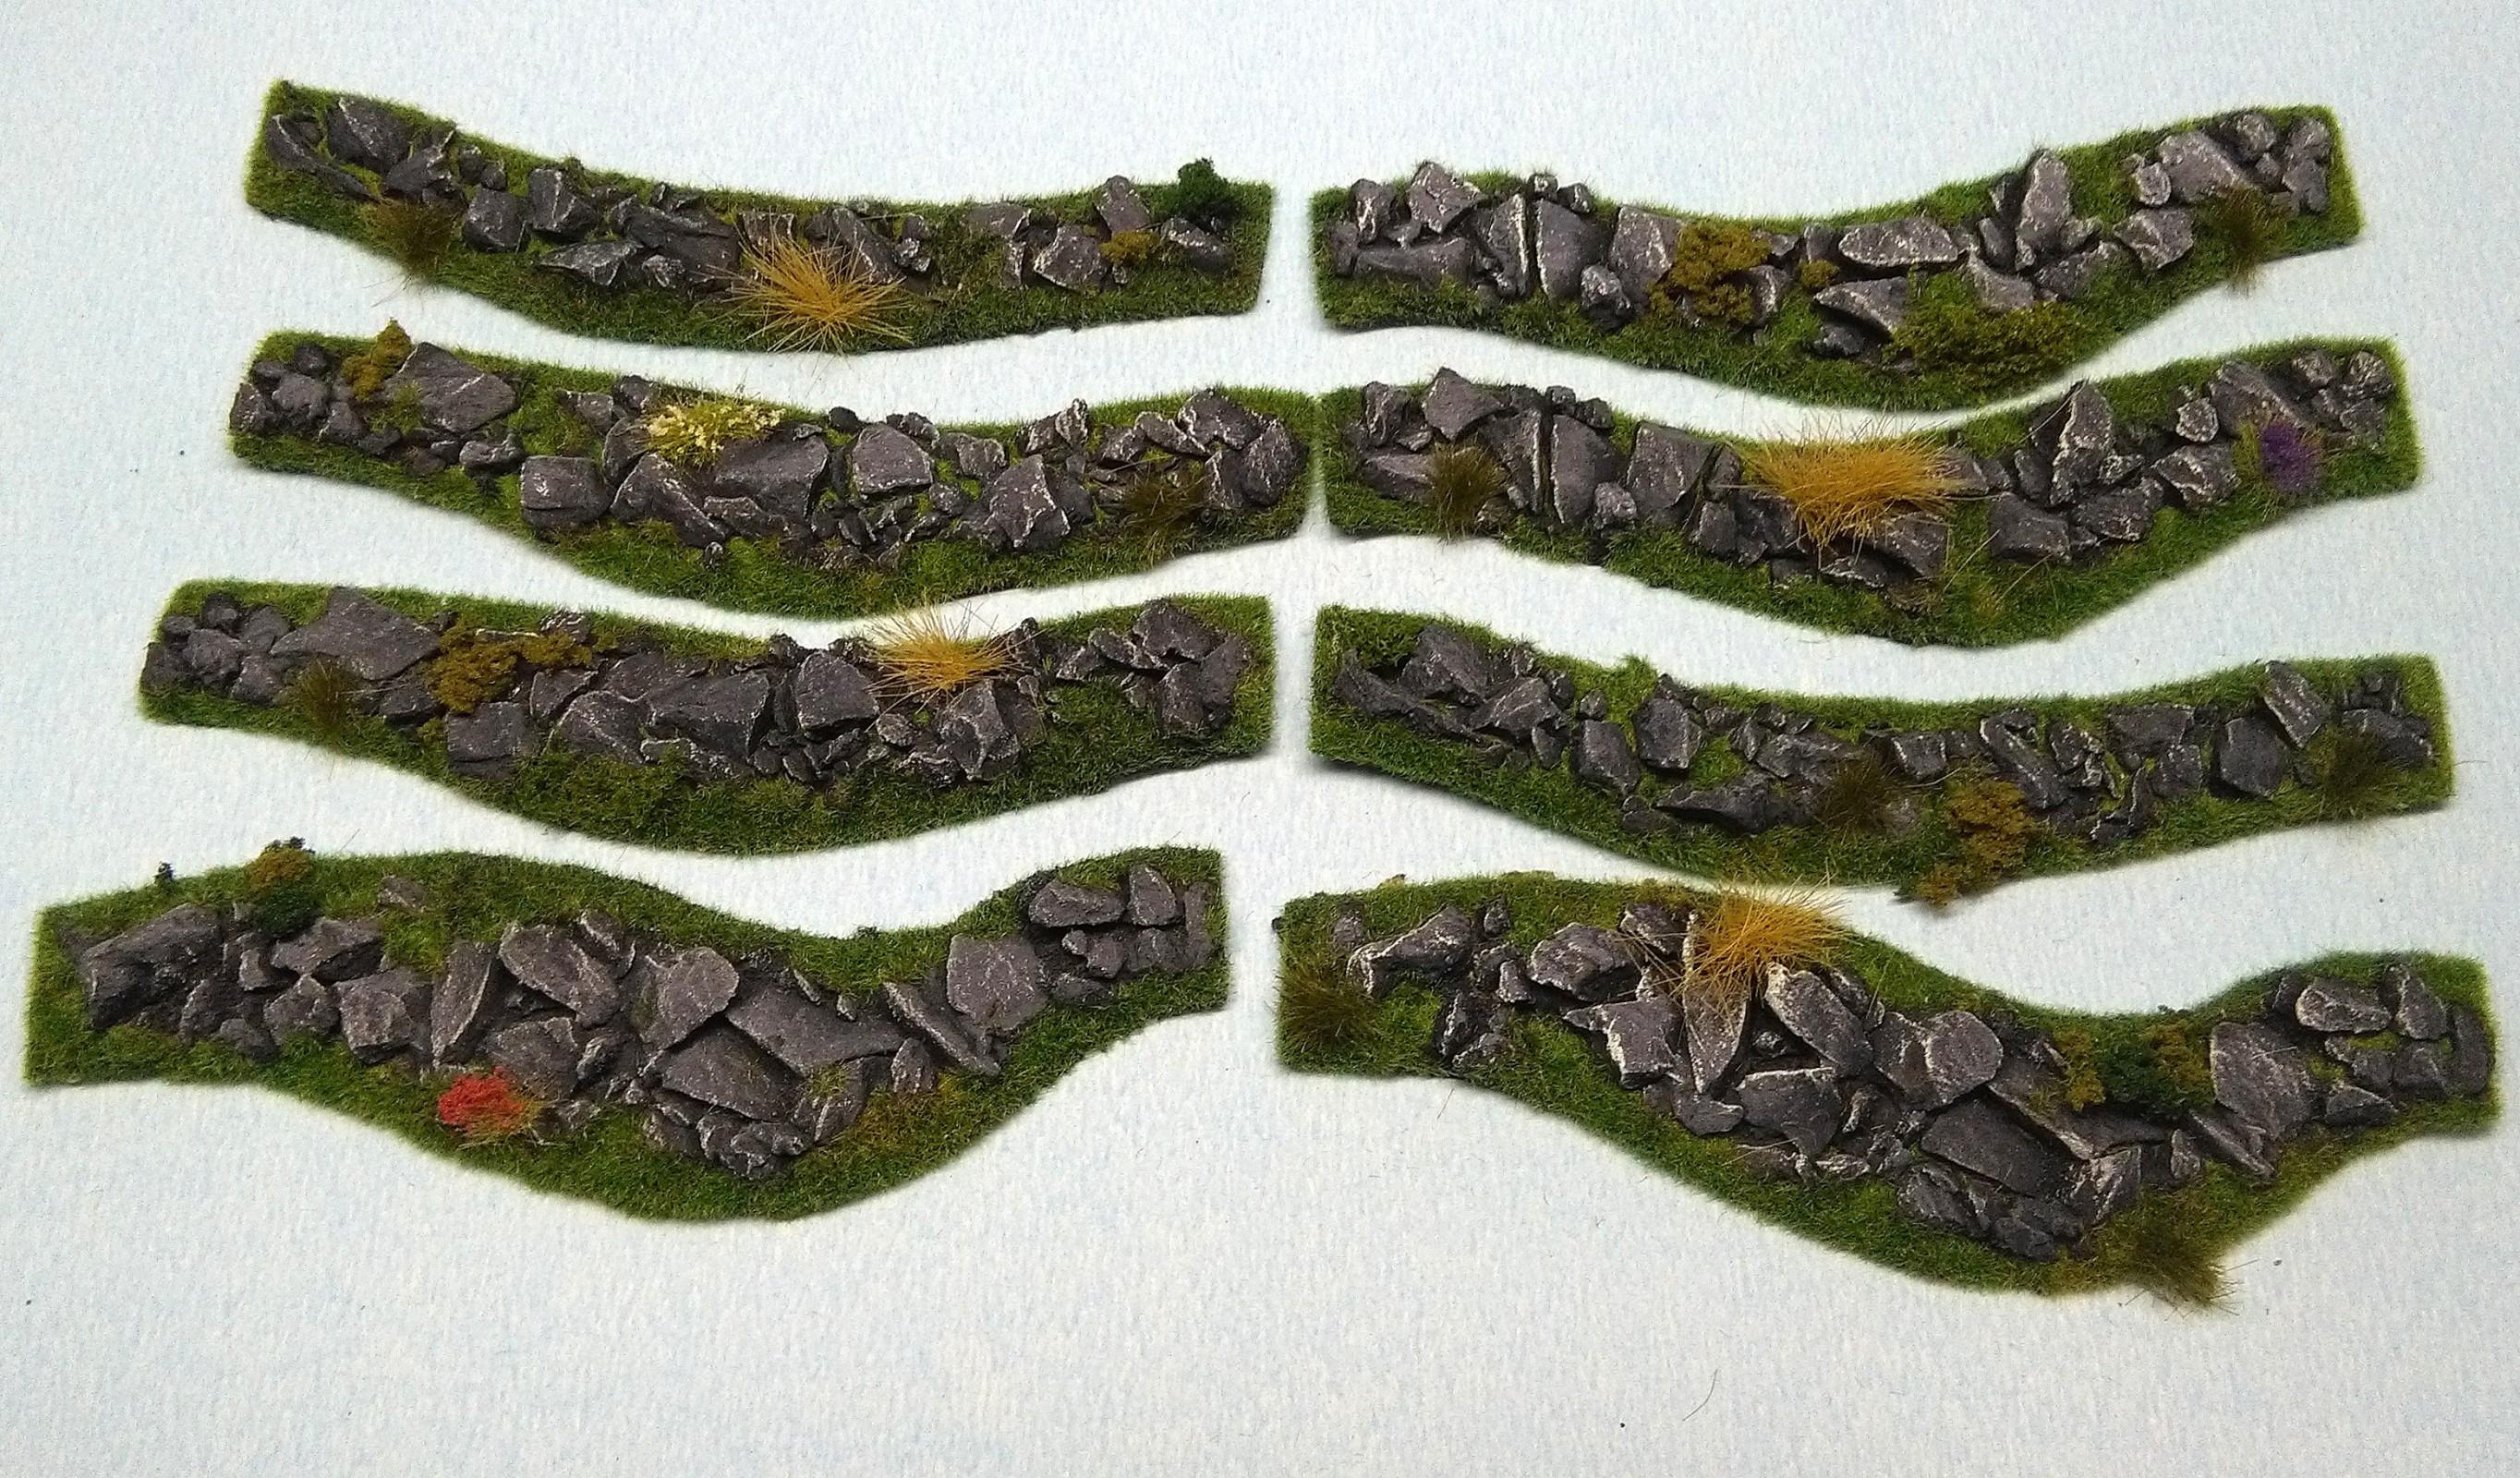 Stone Hedges set - 8 pieces